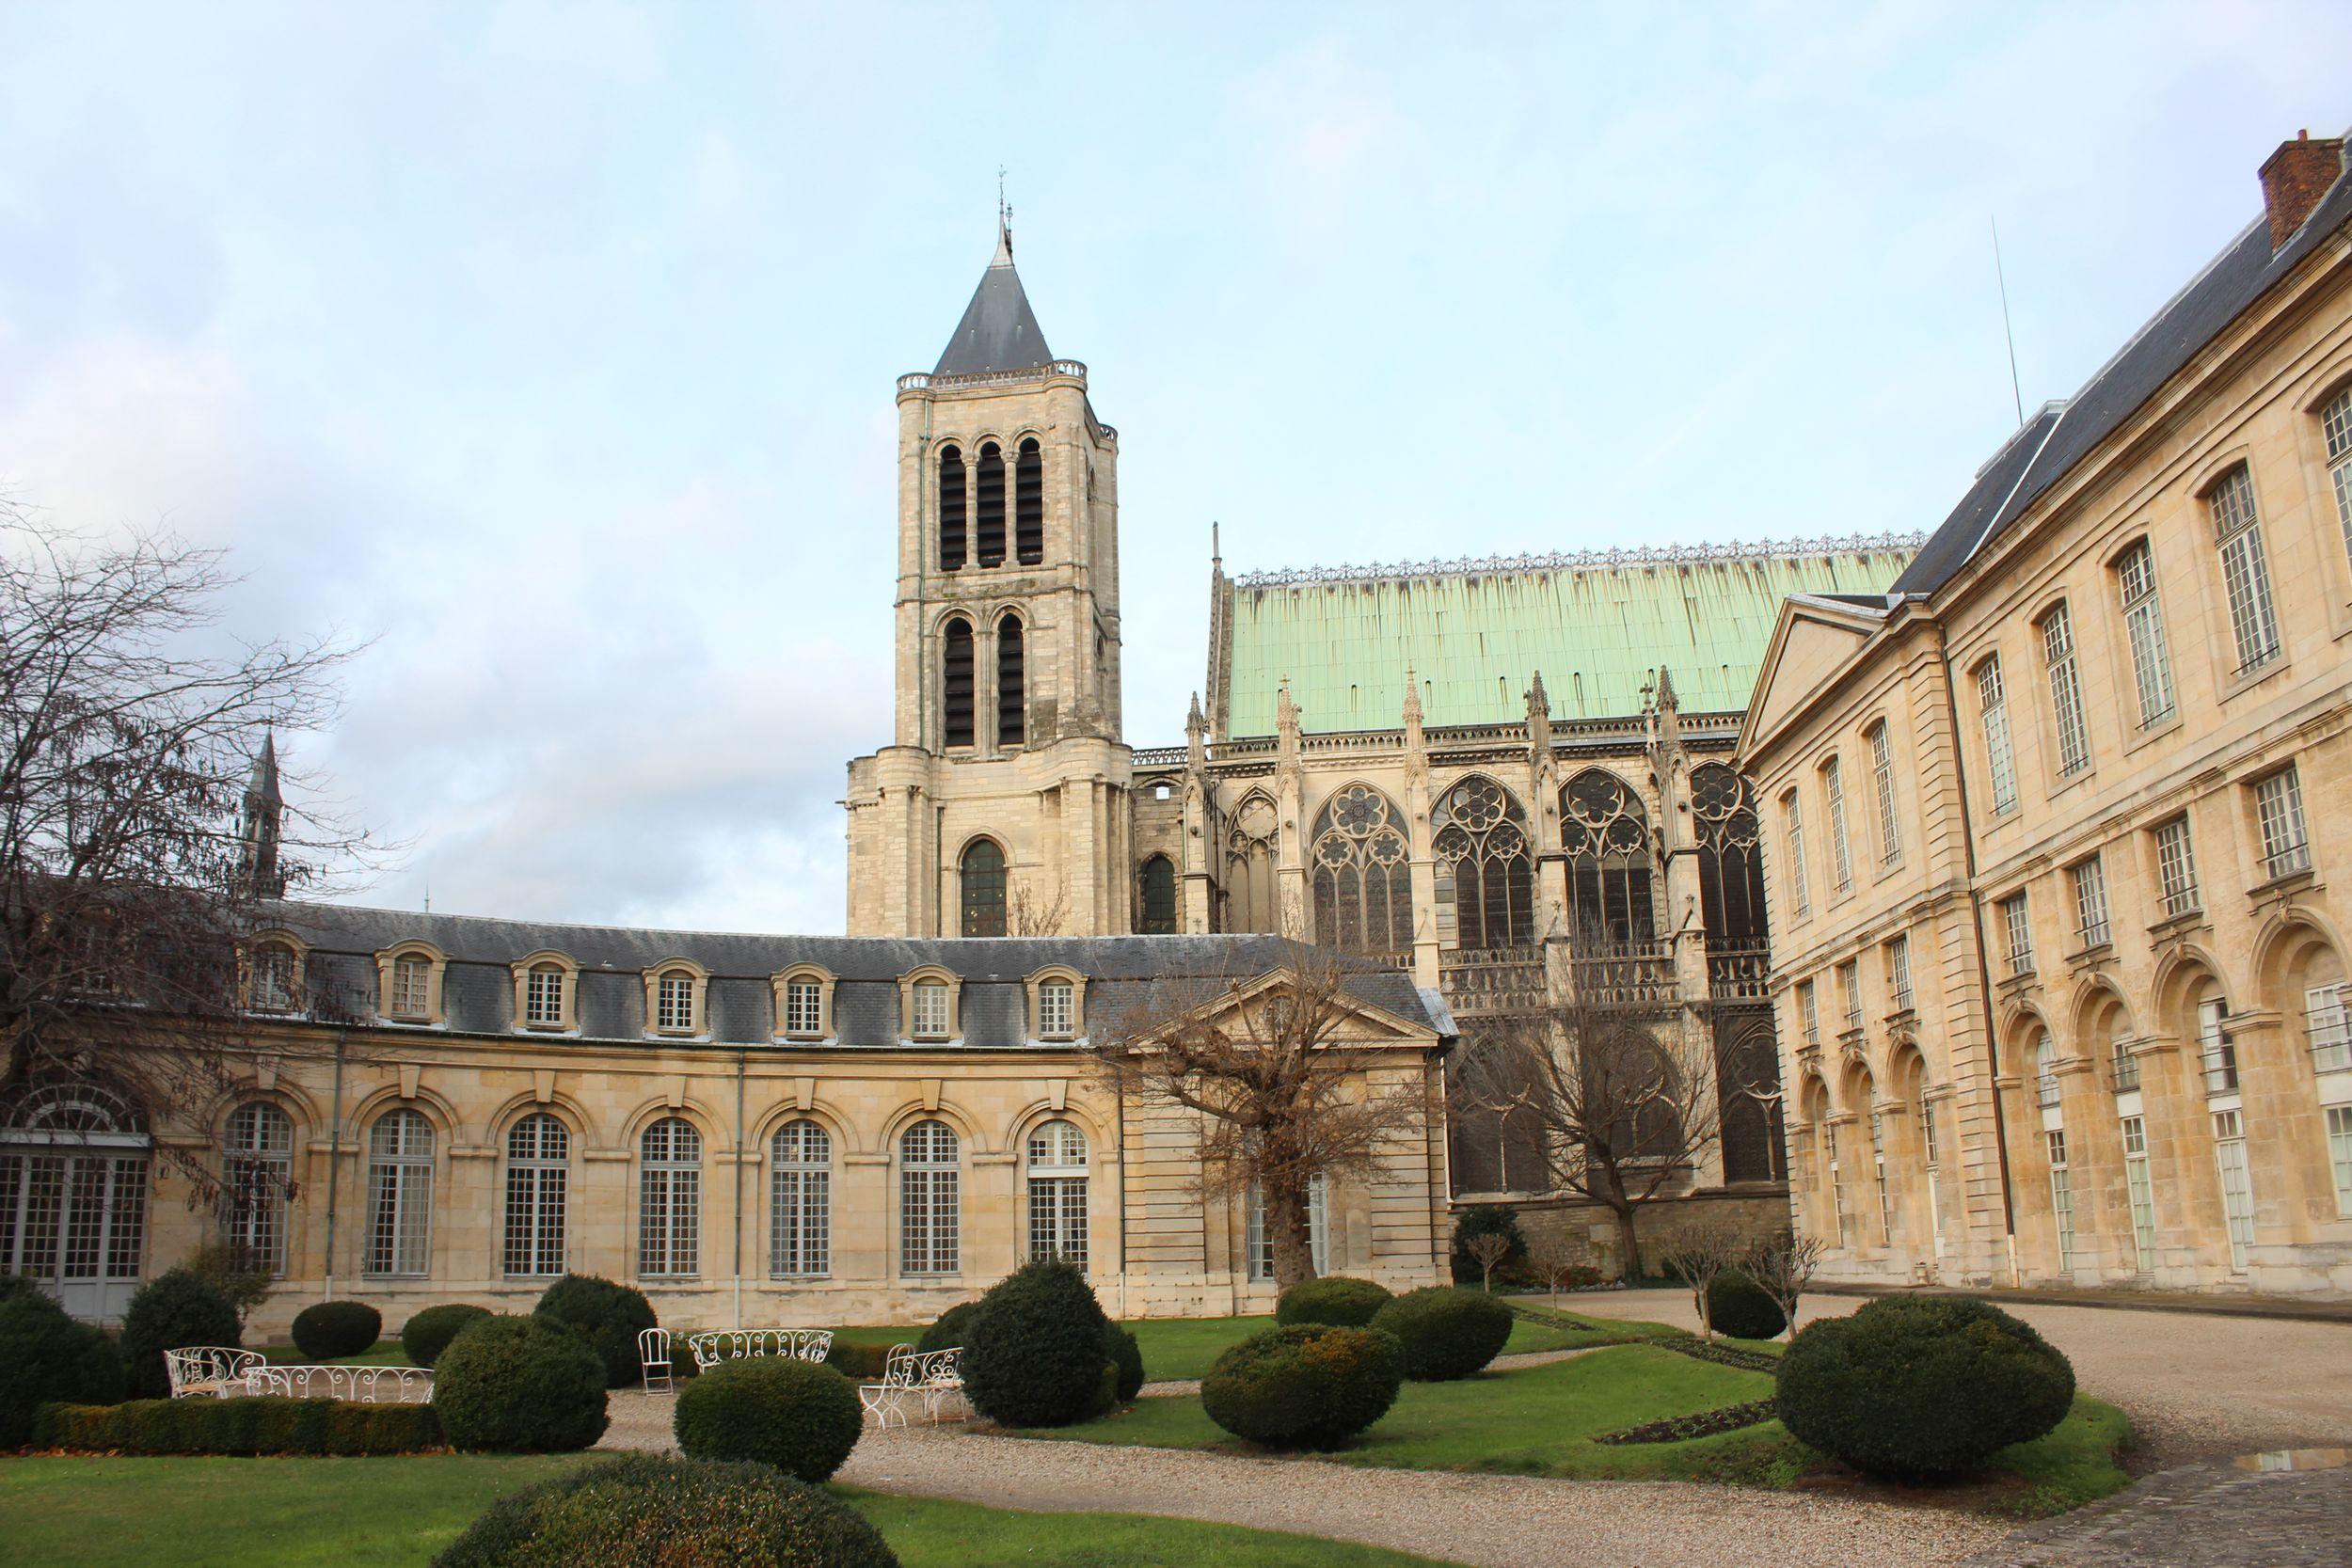 Circuit groupes malmaison et maison education l gion d 39 honneur - Chambre de commerce seine saint denis ...